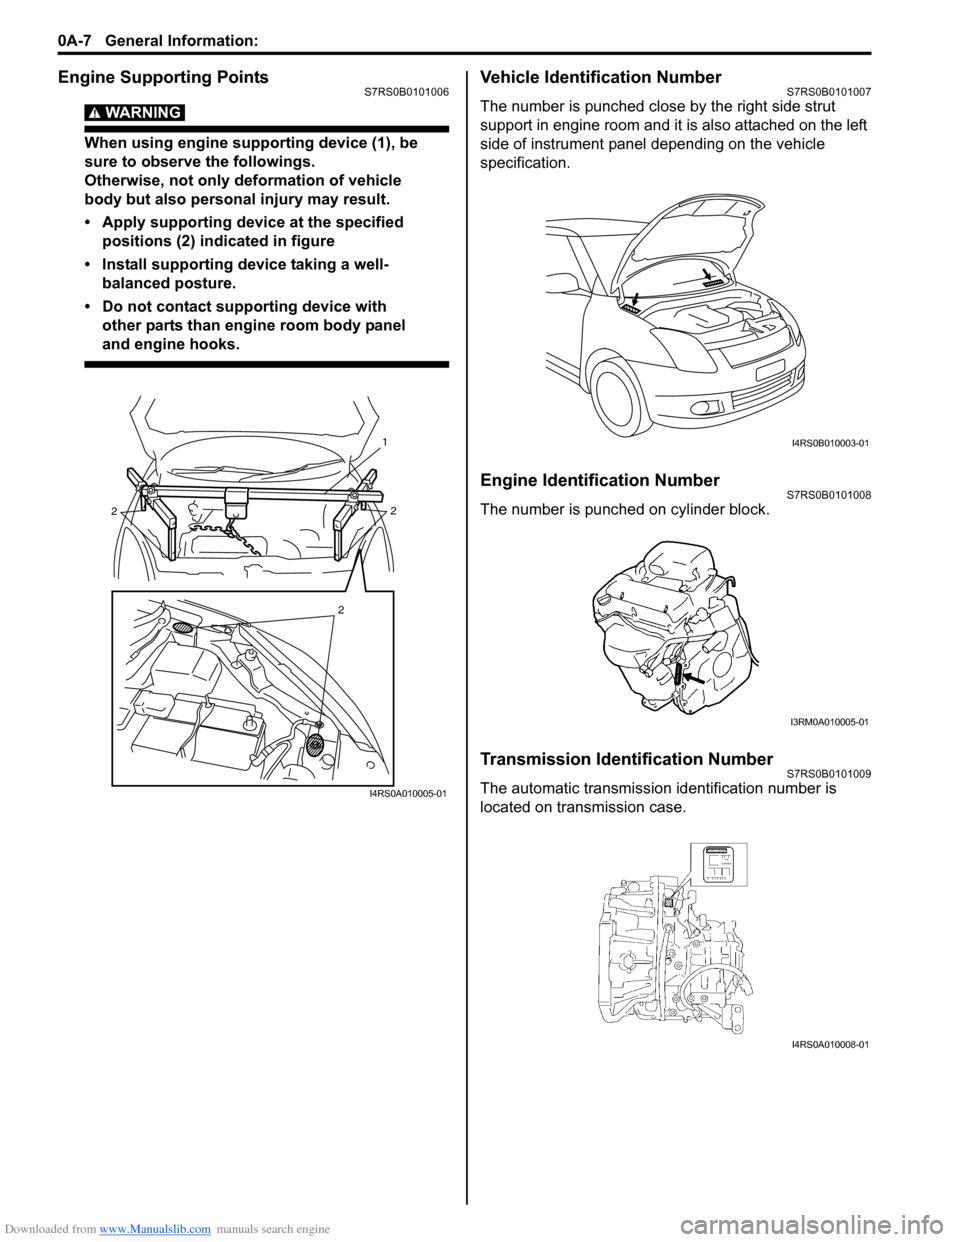 Gsxr 750 Clutch Diagram Free Download Wiring Diagram Schematic